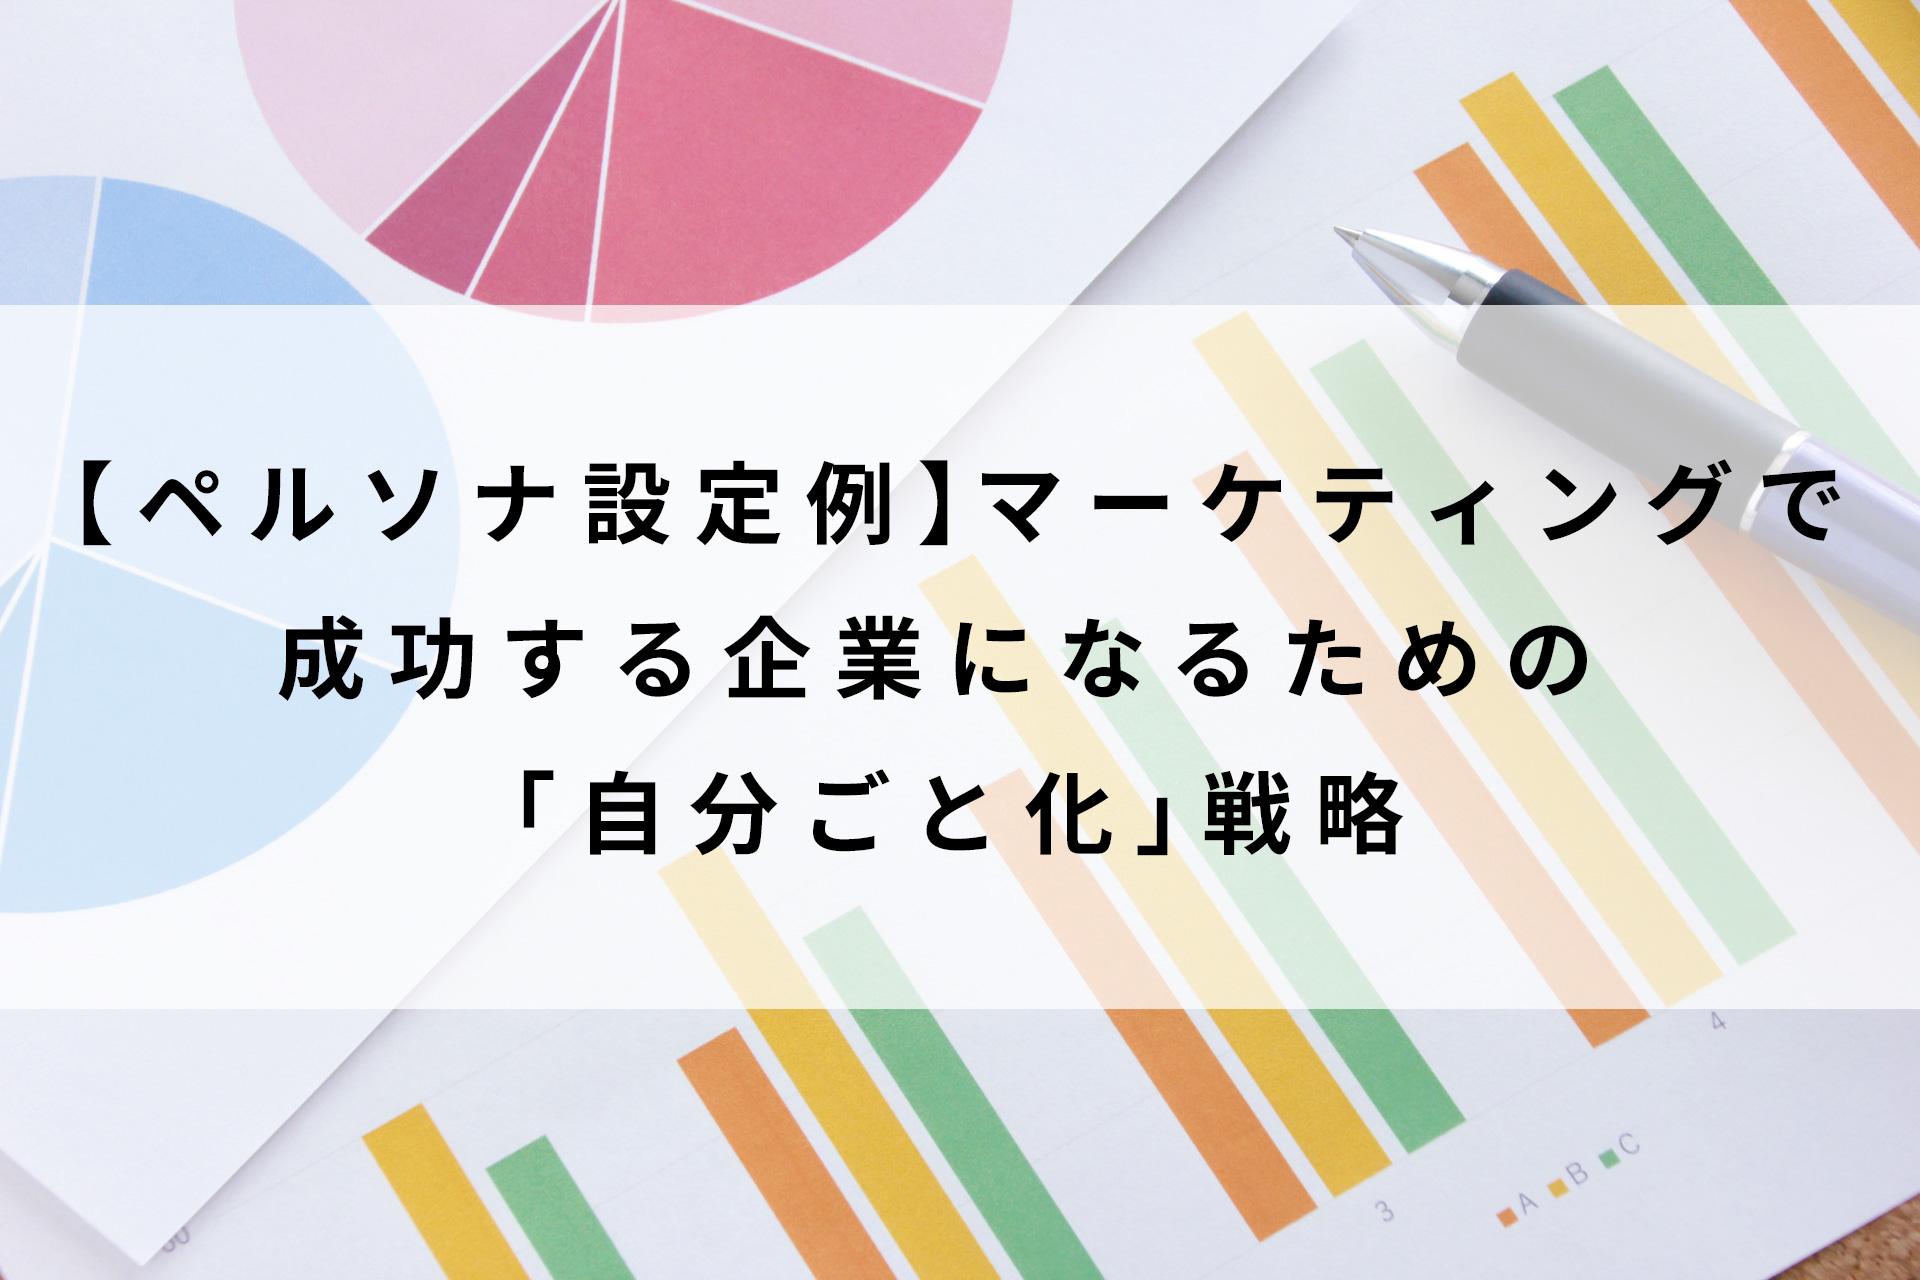 【ペルソナ設定例】マーケティングで成功する企業になるための「自分ごと化」戦略